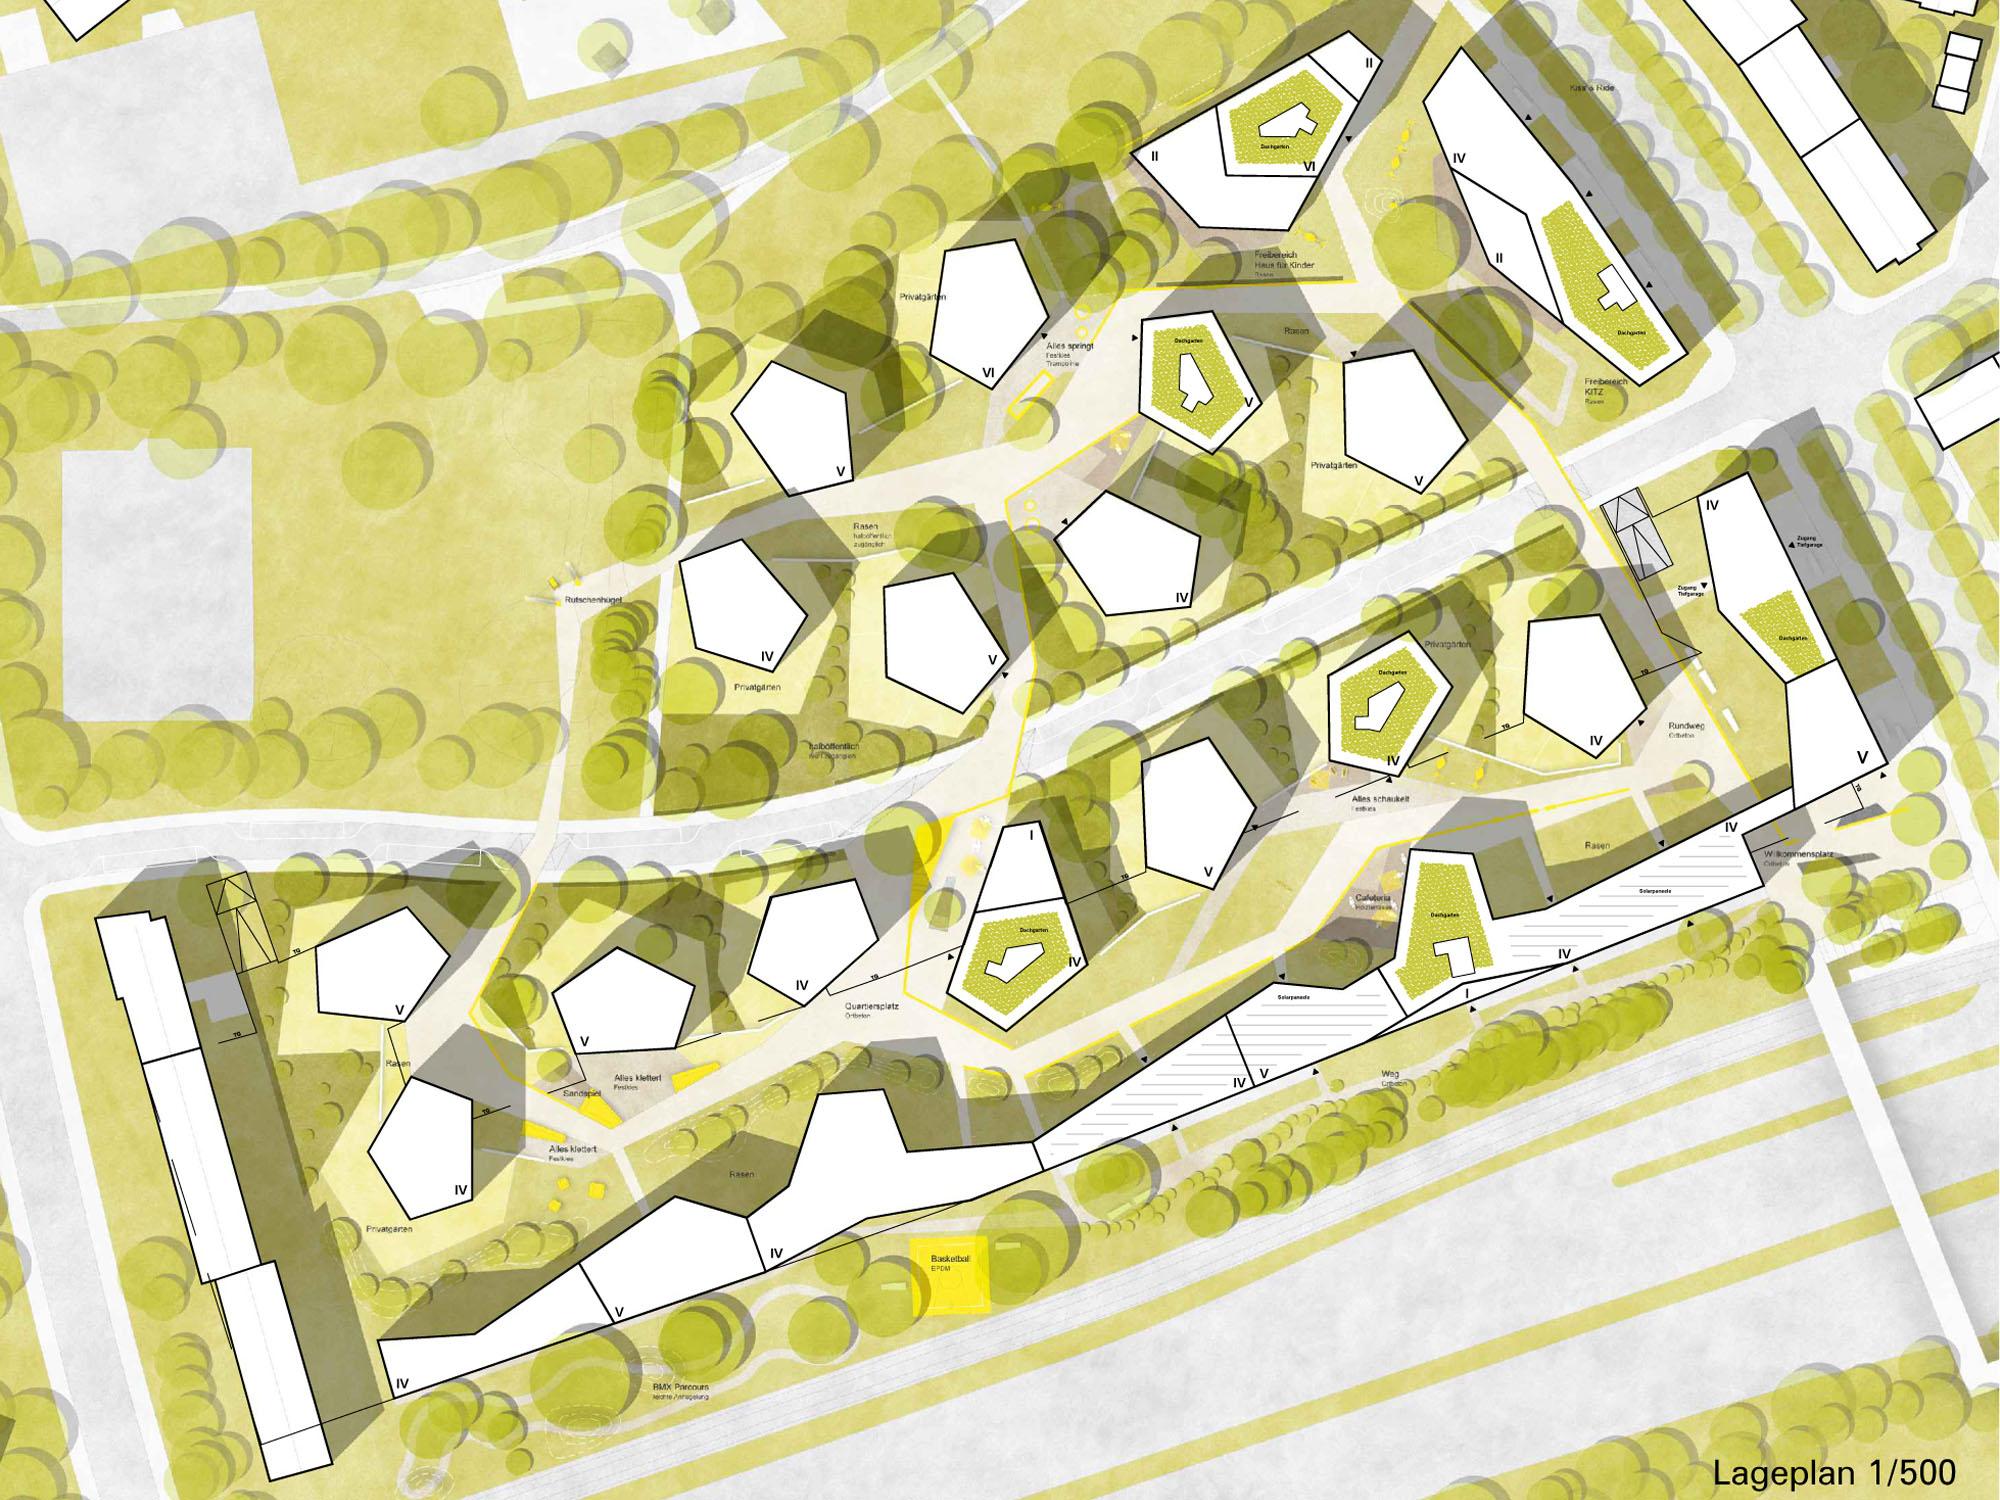 Landschaftsarchitektur München dnd landschaftsplanung zt kg di detzlhofer di sabine dessovic